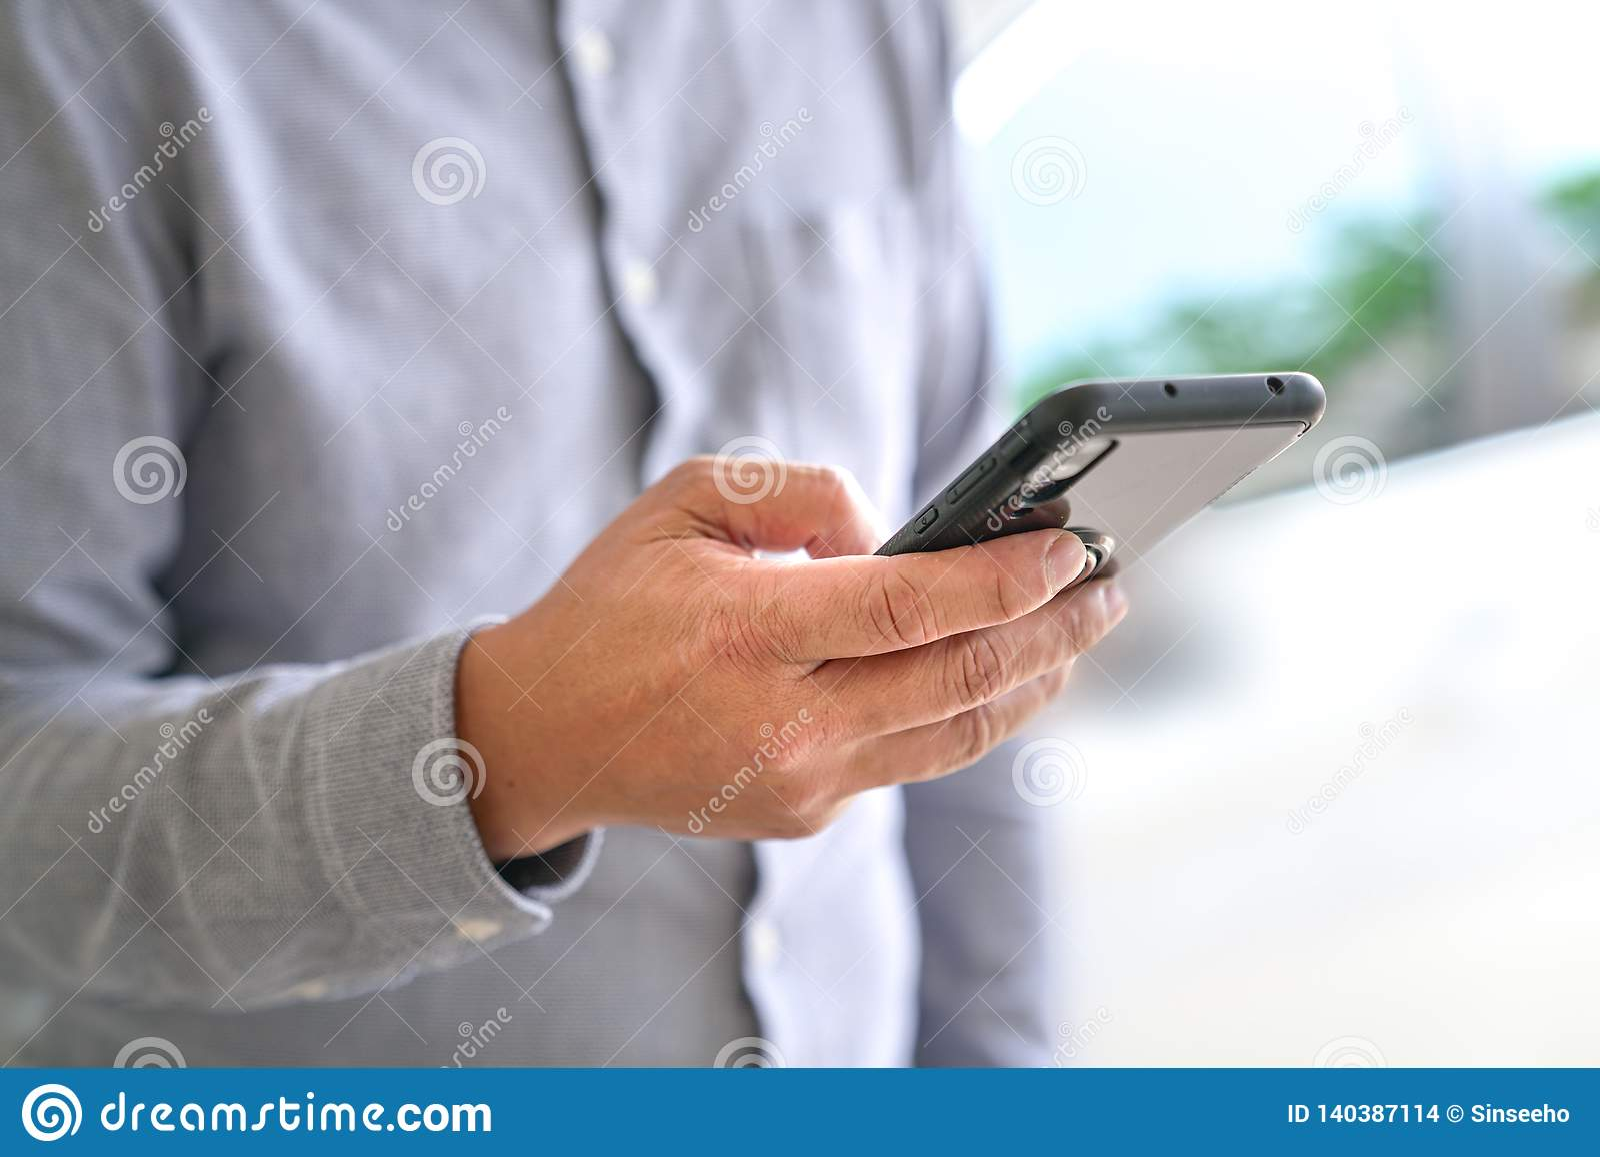 Concepto de la tecnología: Hombre de negocios que hojea o que practica surf el teléfono móvil